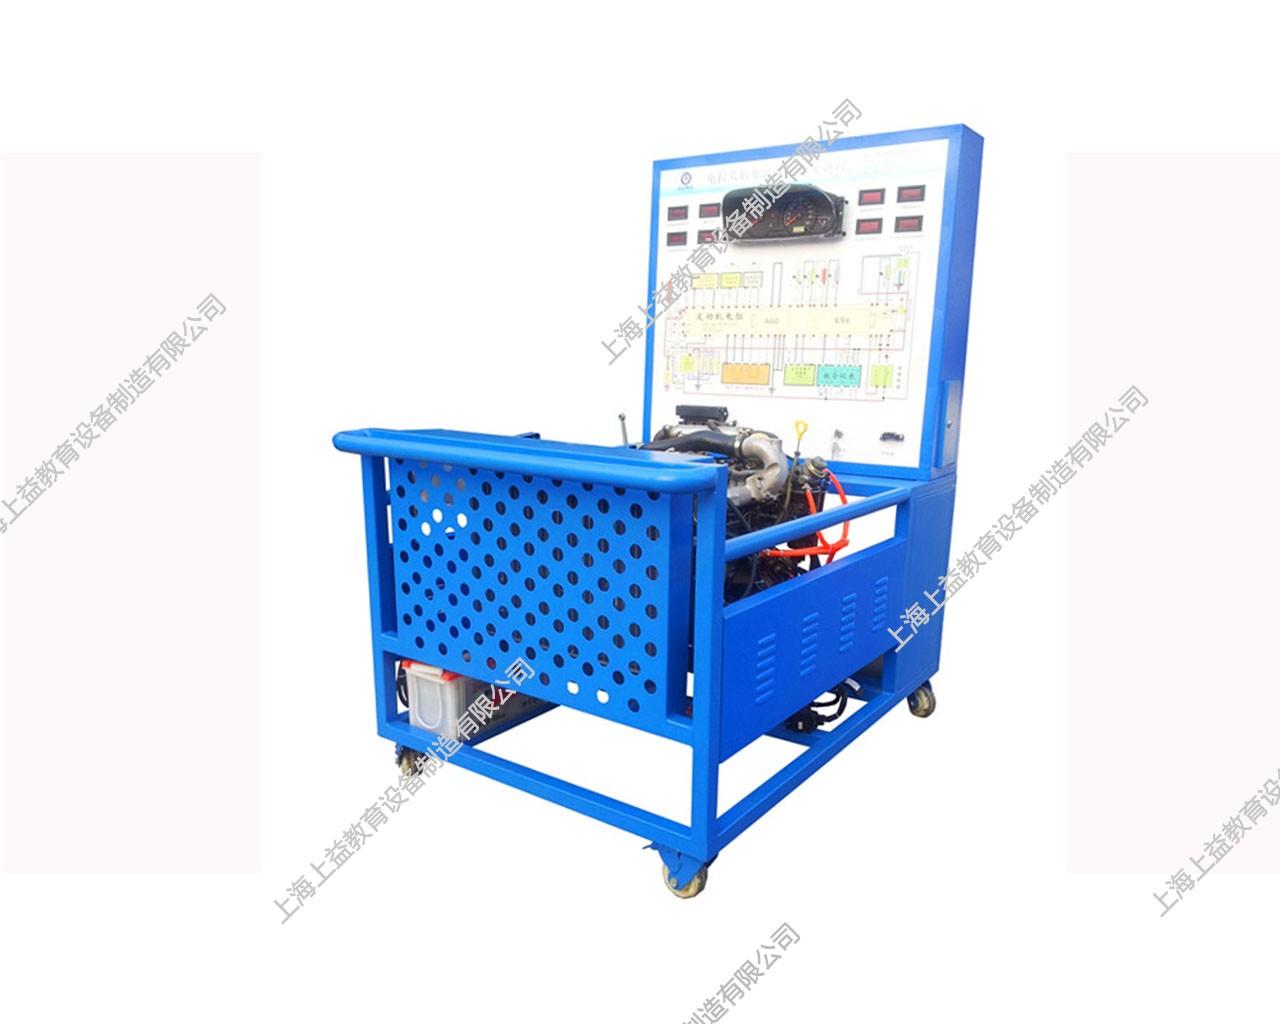 电控高压共轨柴油发动机wwwlehu8vip台(玉柴)